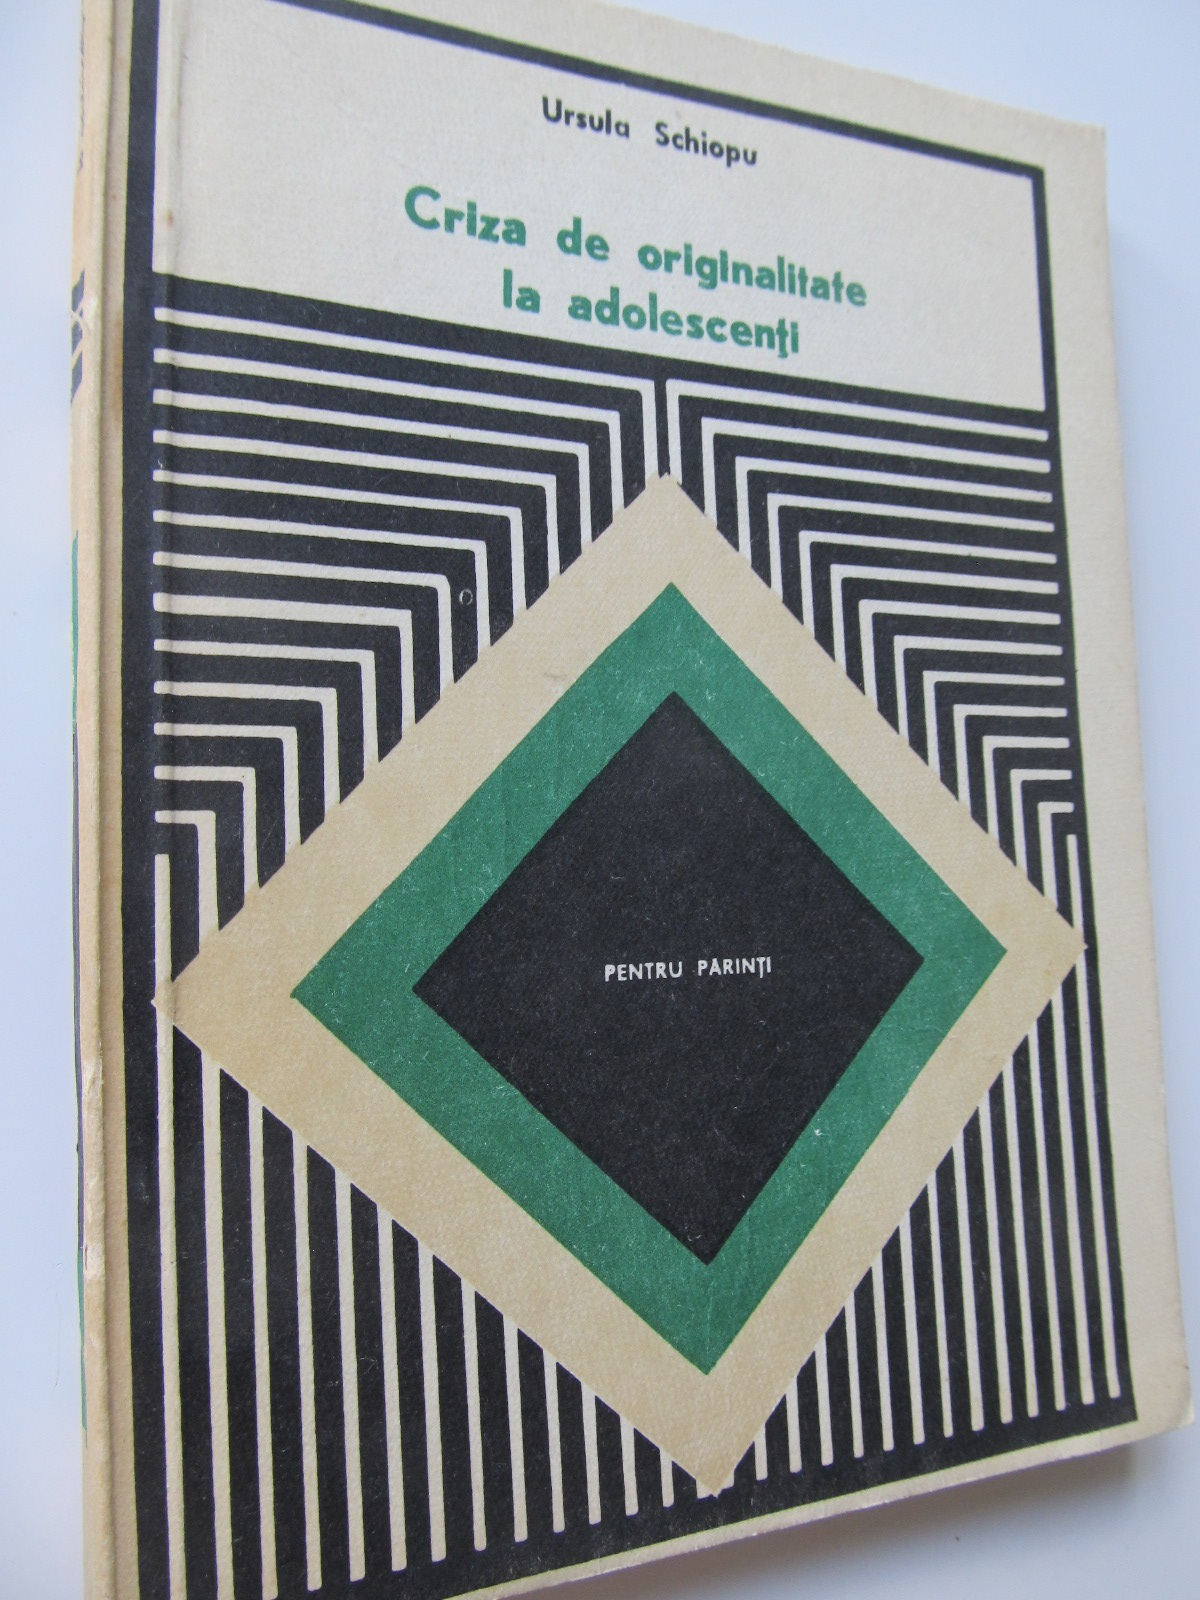 Criza de originalitate la adolescenti - Ursula Schiopu | Detalii carte